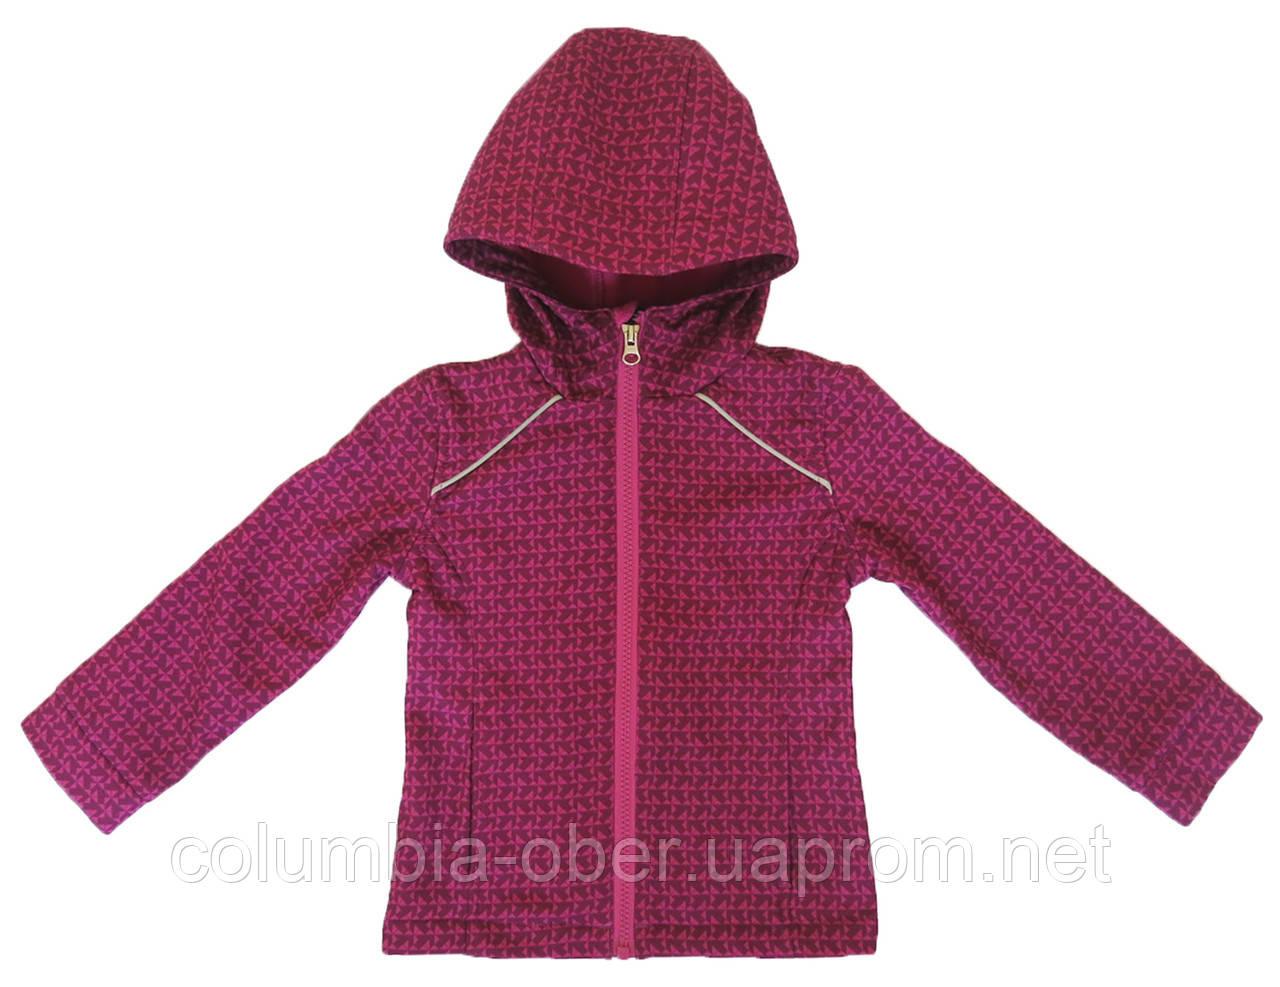 Демисезонная куртка для девочки NANO F 17 M 1400 Mauve Rose. Размер 4-16лет.